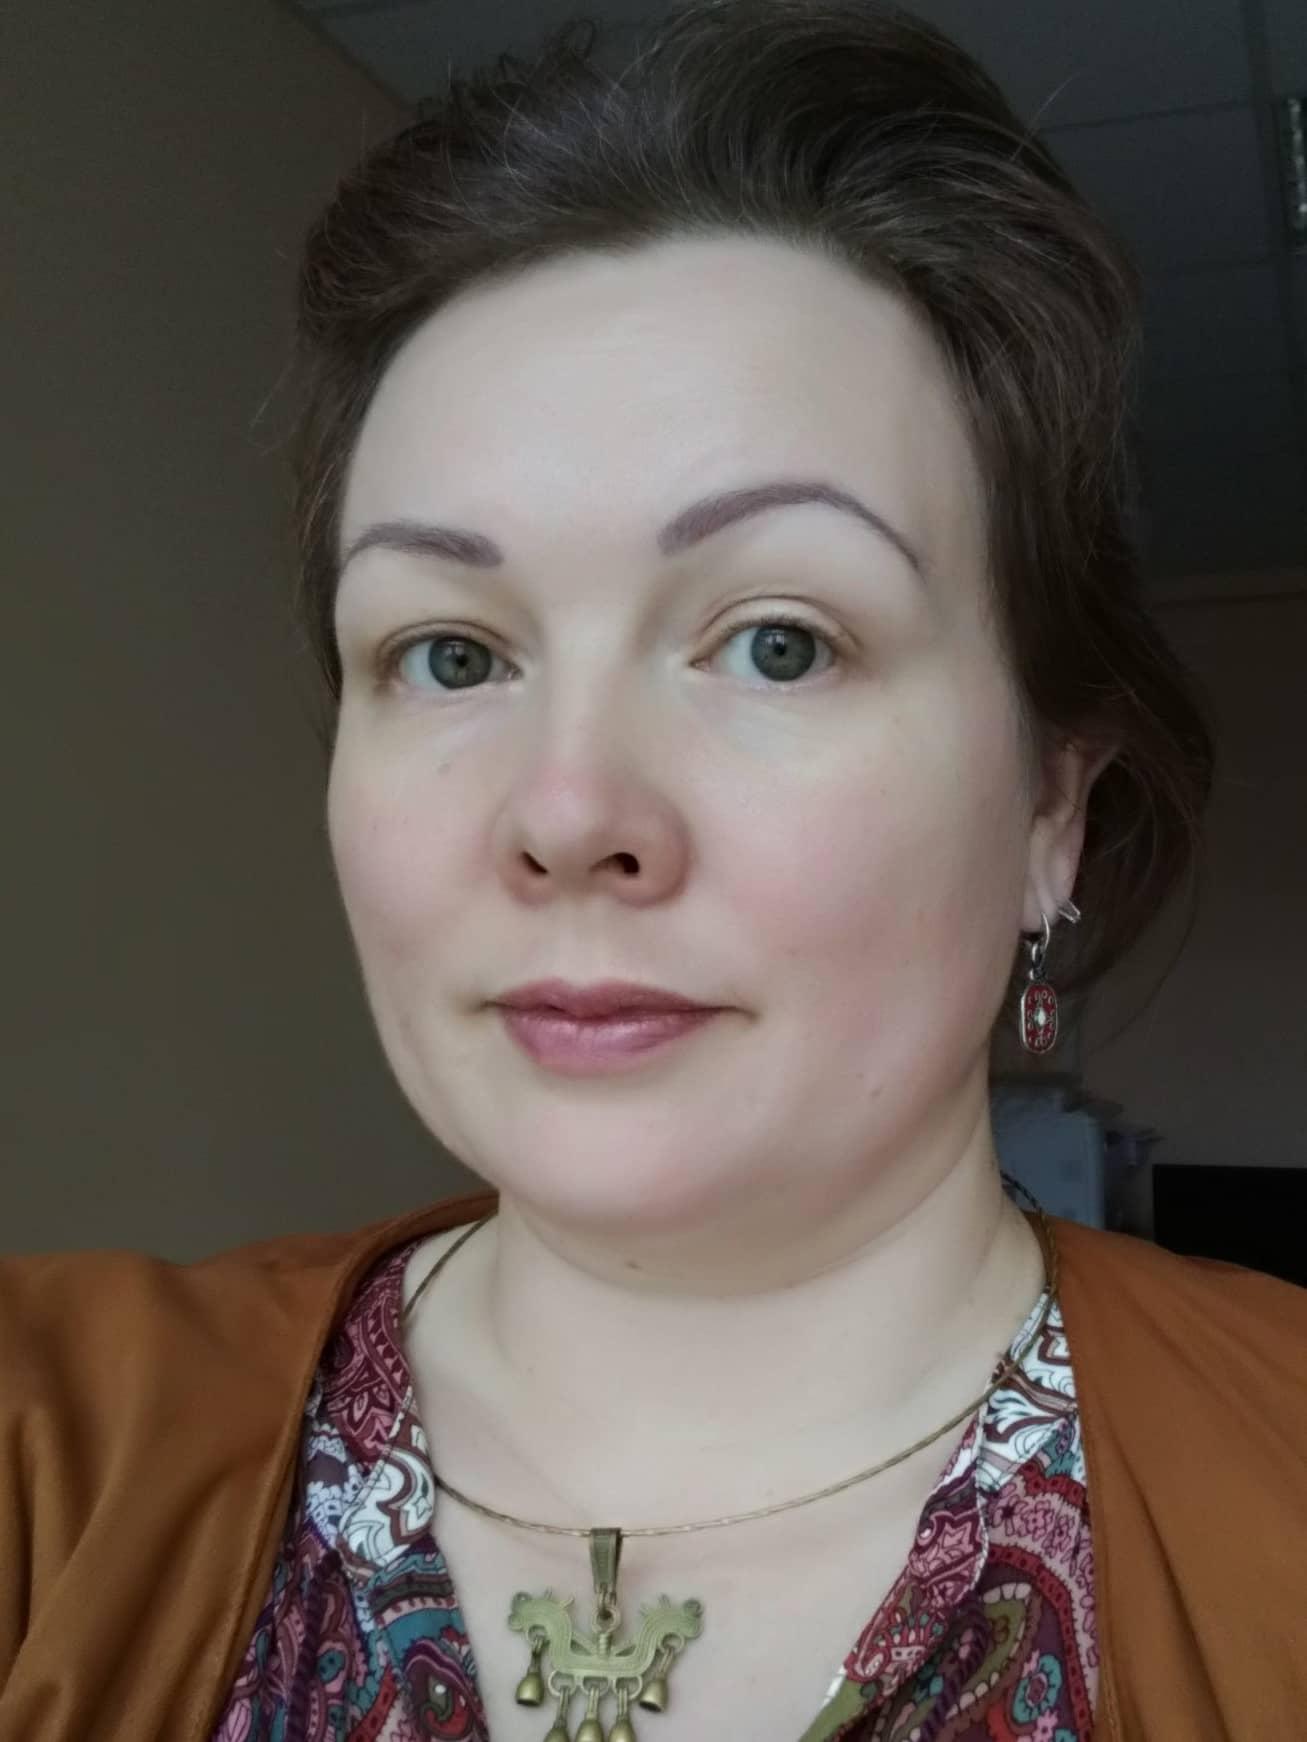 (Русский) Психолог: чем помочь адвокату, ведущему дела о домашнем насилии